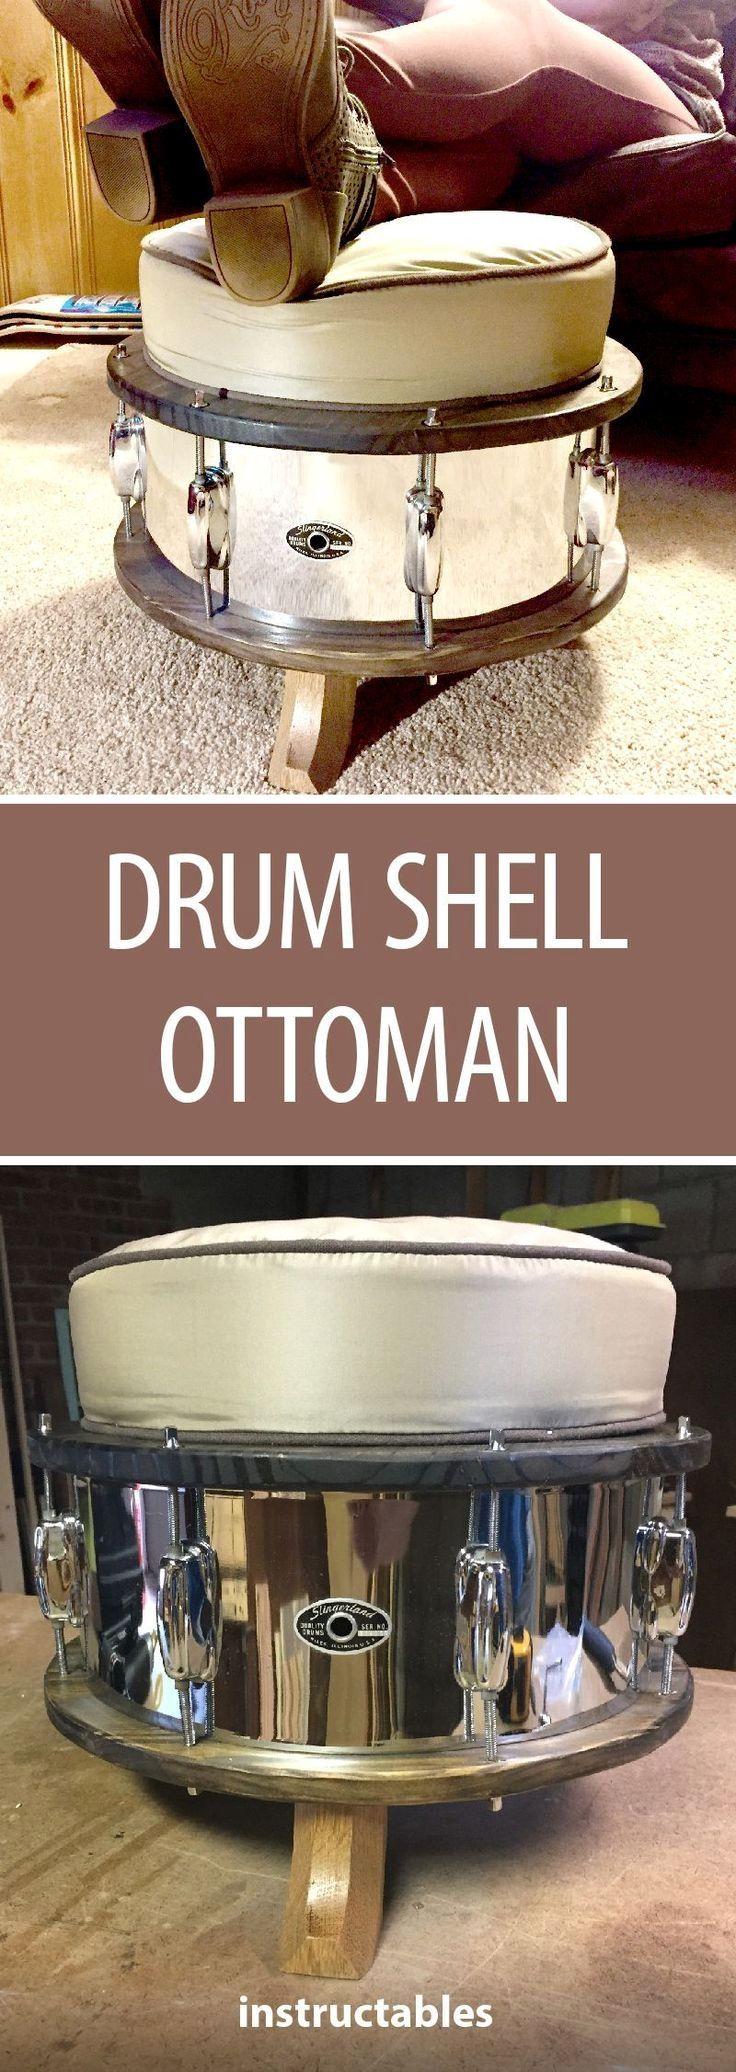 Drum Shell Ottoman: Vor ein paar Jahren kaufte ich einen verwitterten Slingerla aus den 1970er Jahren …